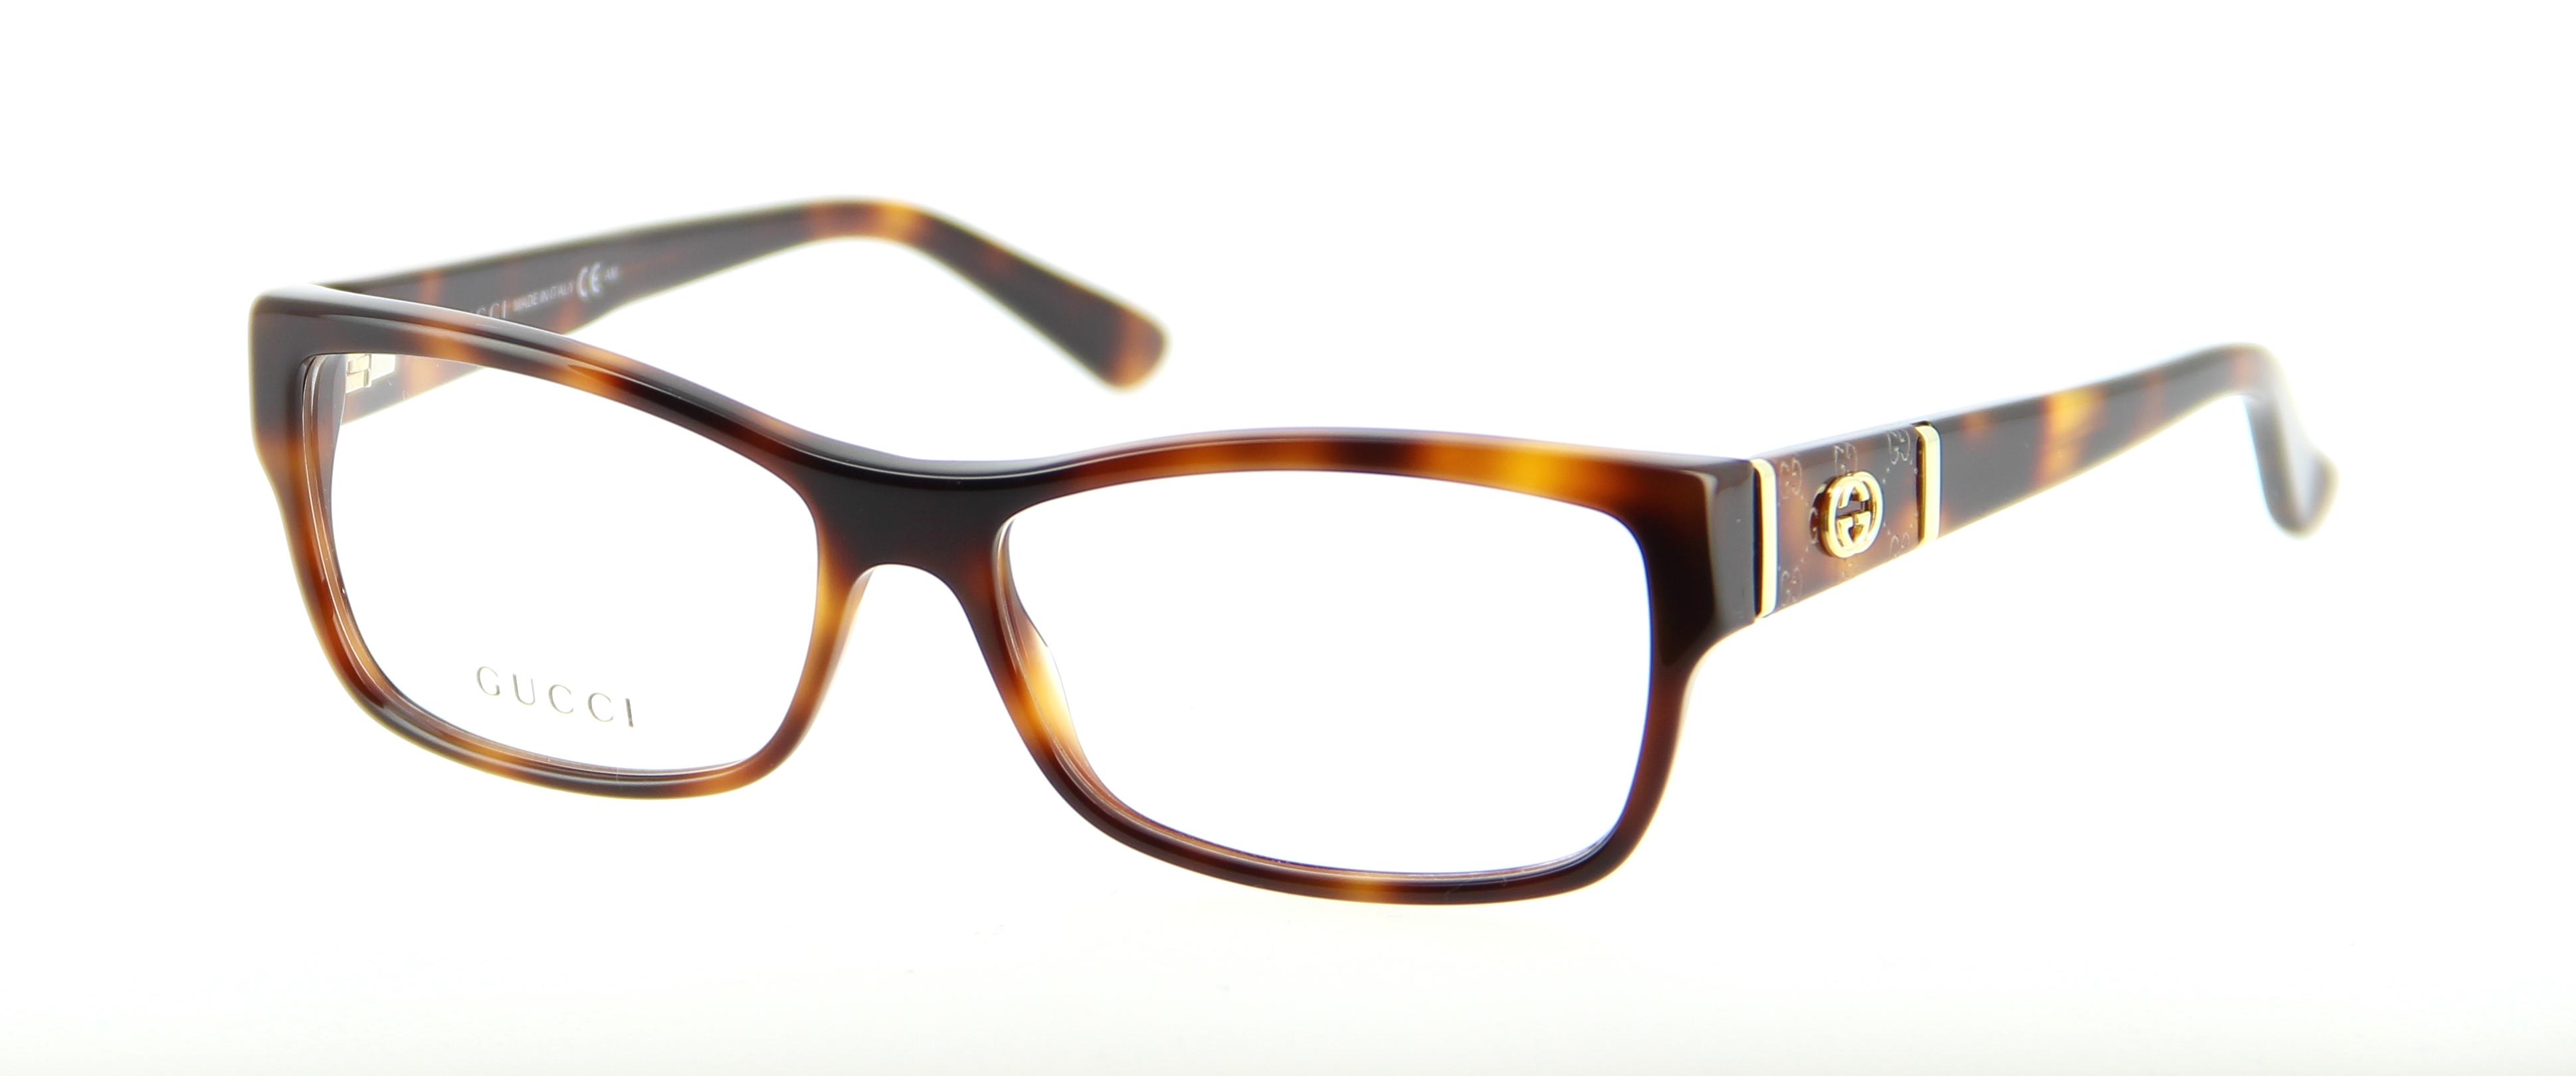 lunettes de vue gucci gg 3133 05l 54 15 femme ecaille rectangle cercl e tendance 54mmx15mm 201. Black Bedroom Furniture Sets. Home Design Ideas